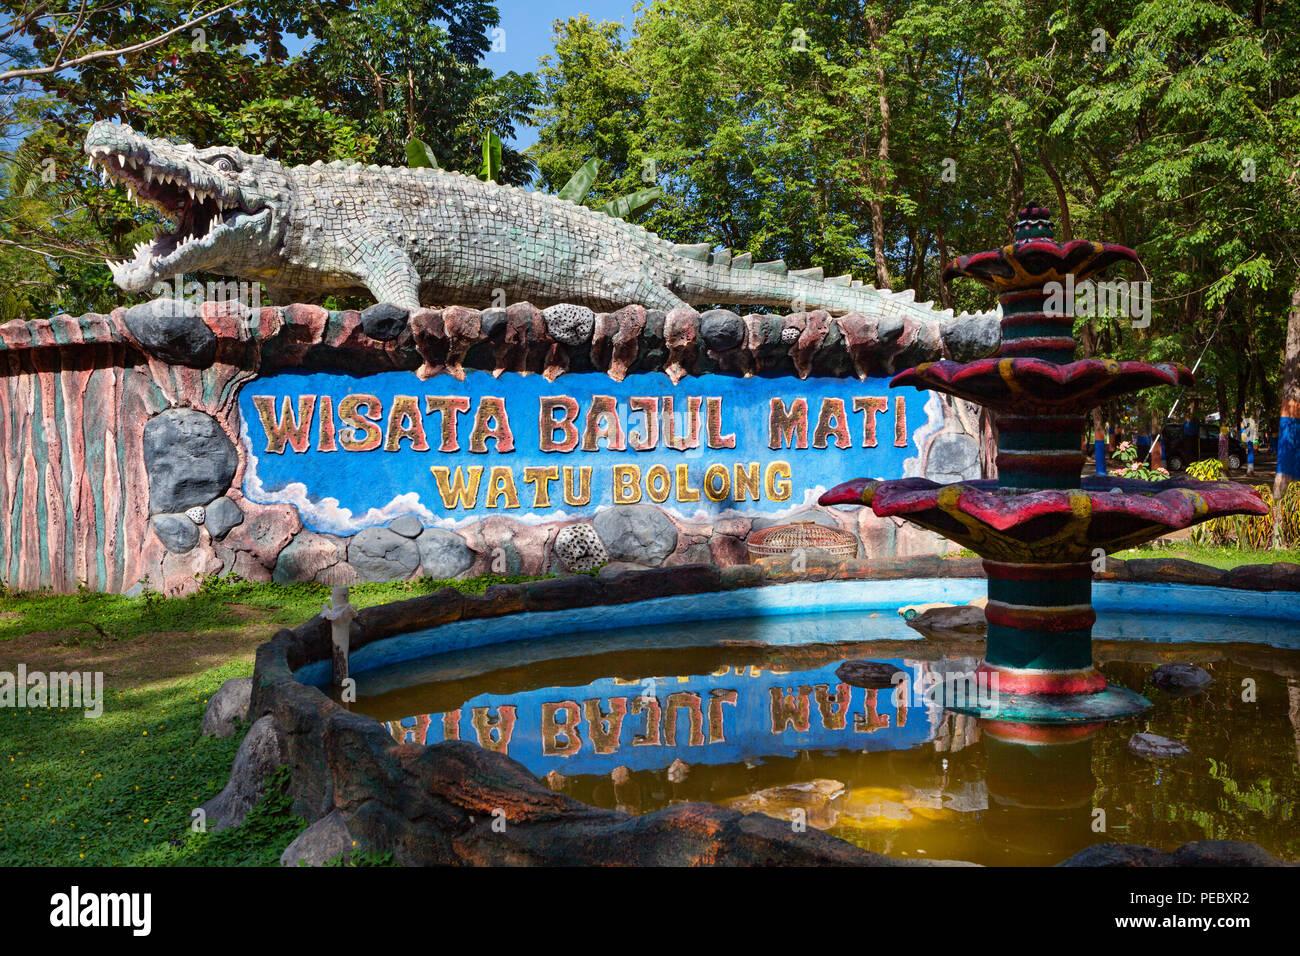 East Java, Indonesia - 10 Luglio 2018: Bajul Mati (morto) coccodrillo mare Spiaggia e parco ricreativo segno bordo popolare luogo da visitare per le vacanze in famiglia Immagini Stock